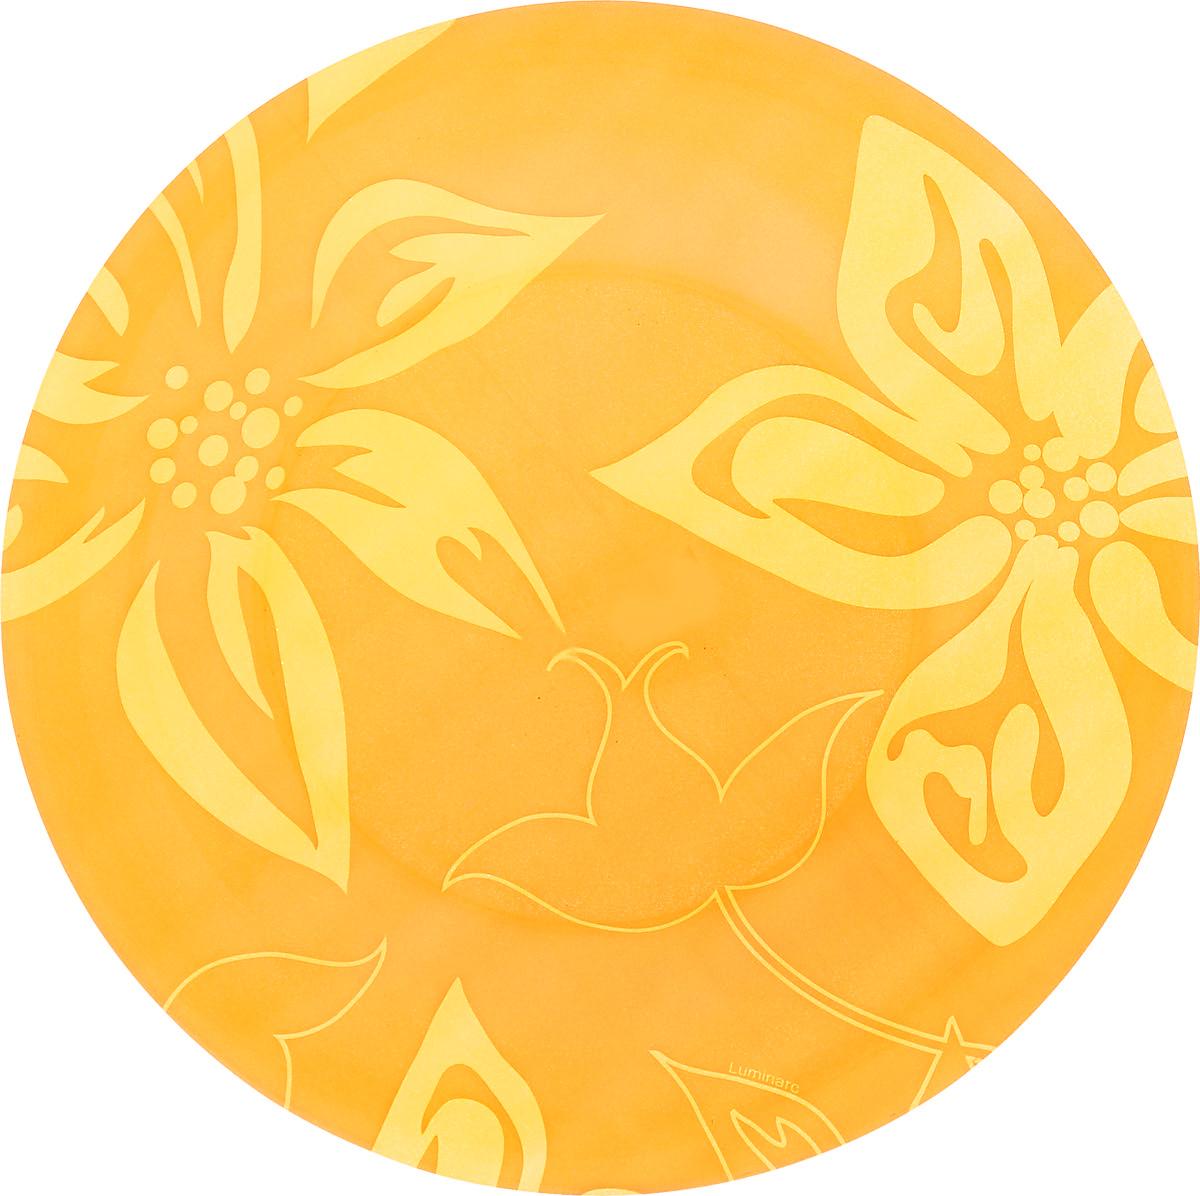 Тарелка десертная Luminarc Lily Flower, диаметр 19,5 смH4245Десертная тарелка Luminarc Lily Flower, изготовленная из ударопрочного стекла, декорирована изображением цветов. Такая тарелка прекрасно подходит как для торжественных случаев, так и для повседневного использования. Идеальна для подачи десертов, пирожных, тортов и многого другого. Она прекрасно оформит стол и станет отличным дополнением к вашей коллекции кухонной посуды. Диаметр тарелки (по верхнему краю): 19,5 см.